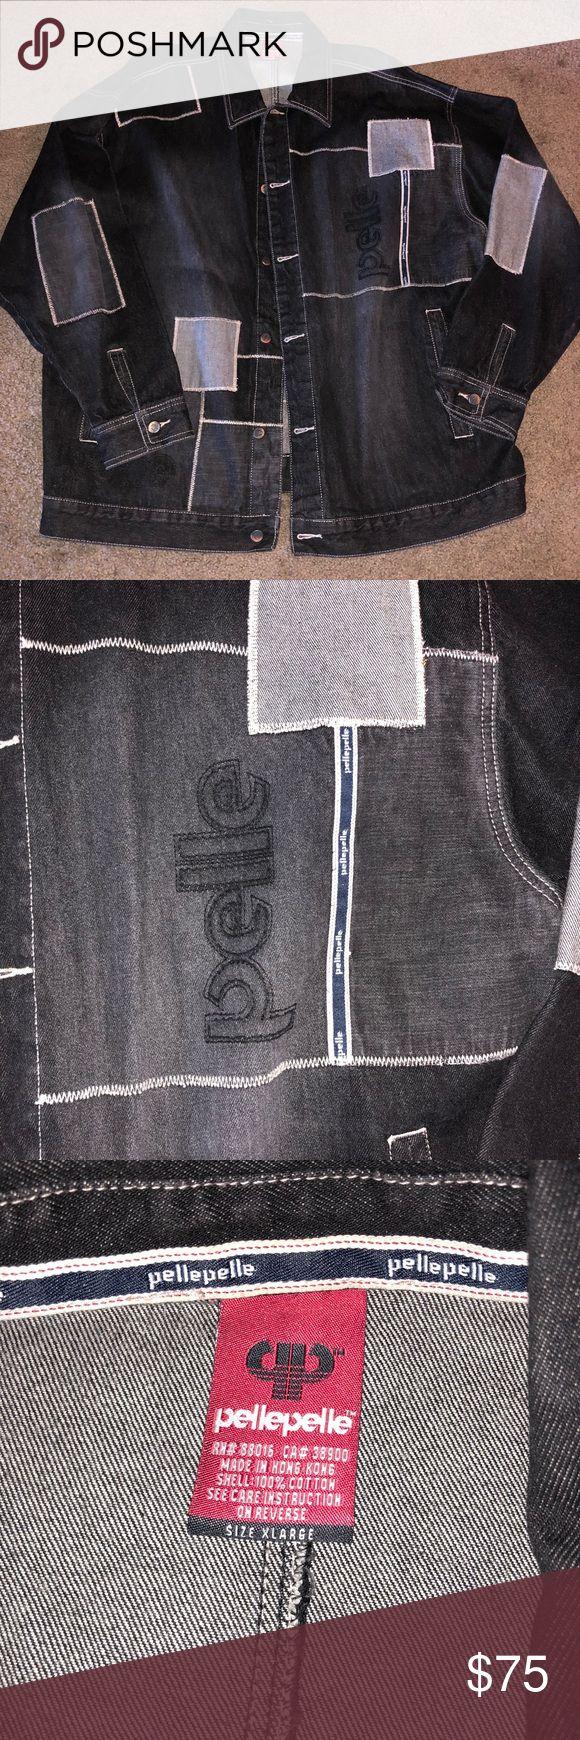 Pelle pelle Men's XL Jean jacket Jean jacket XL jacket in great condition Pelle Pelle Jackets & Coats